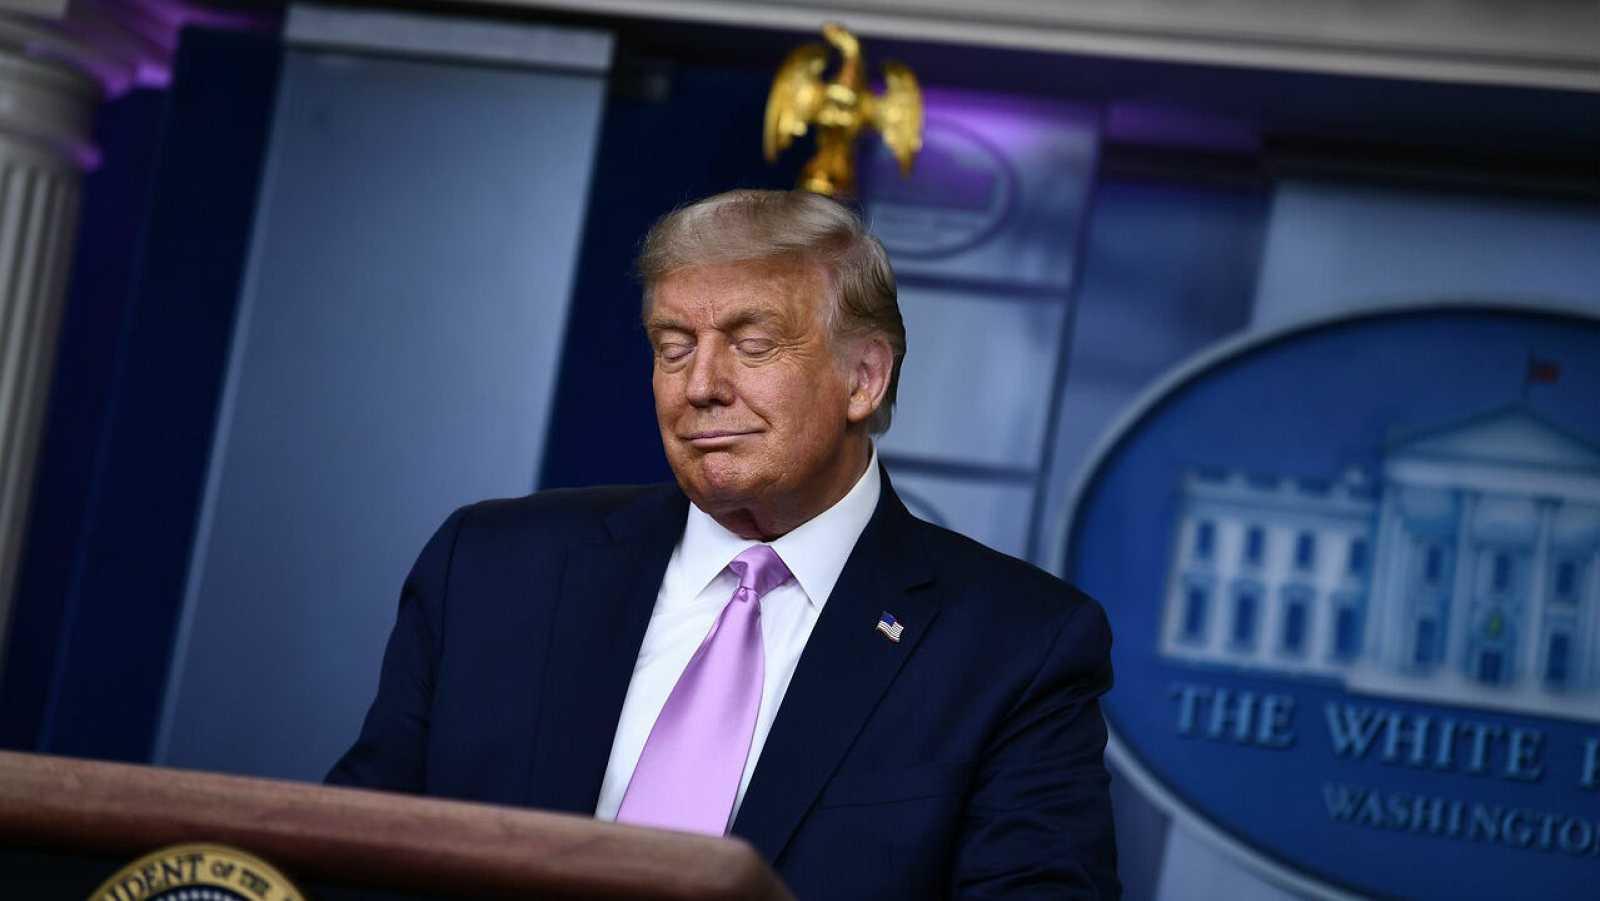 El presidente de Estados Unidos, Donald Trump, durante una conferencia de prensa en la Casa Blanca, en Washington, DC.